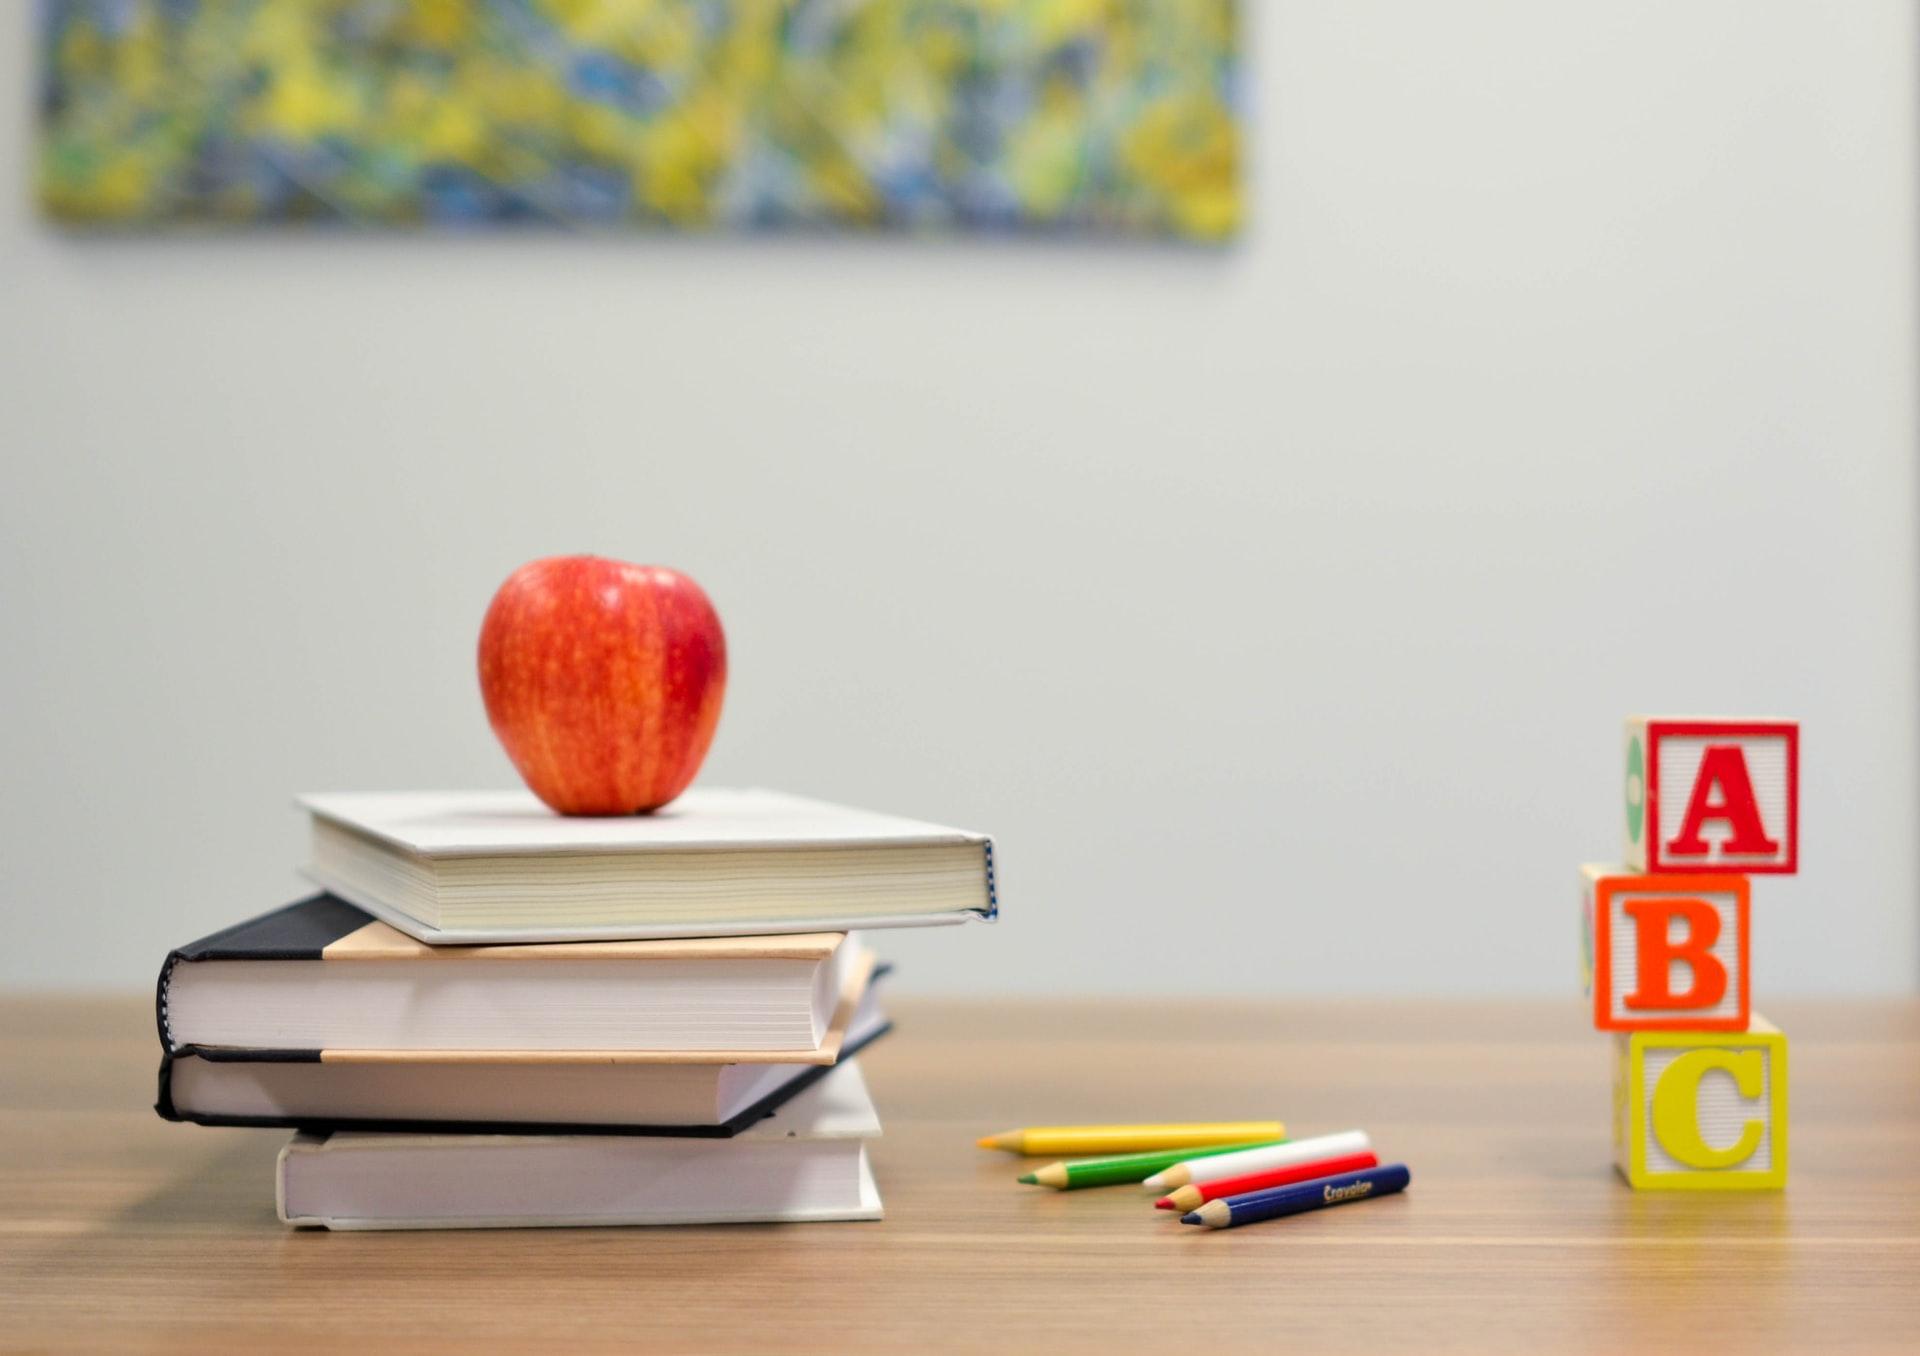 Viden omkring lektier og lektiehjælp